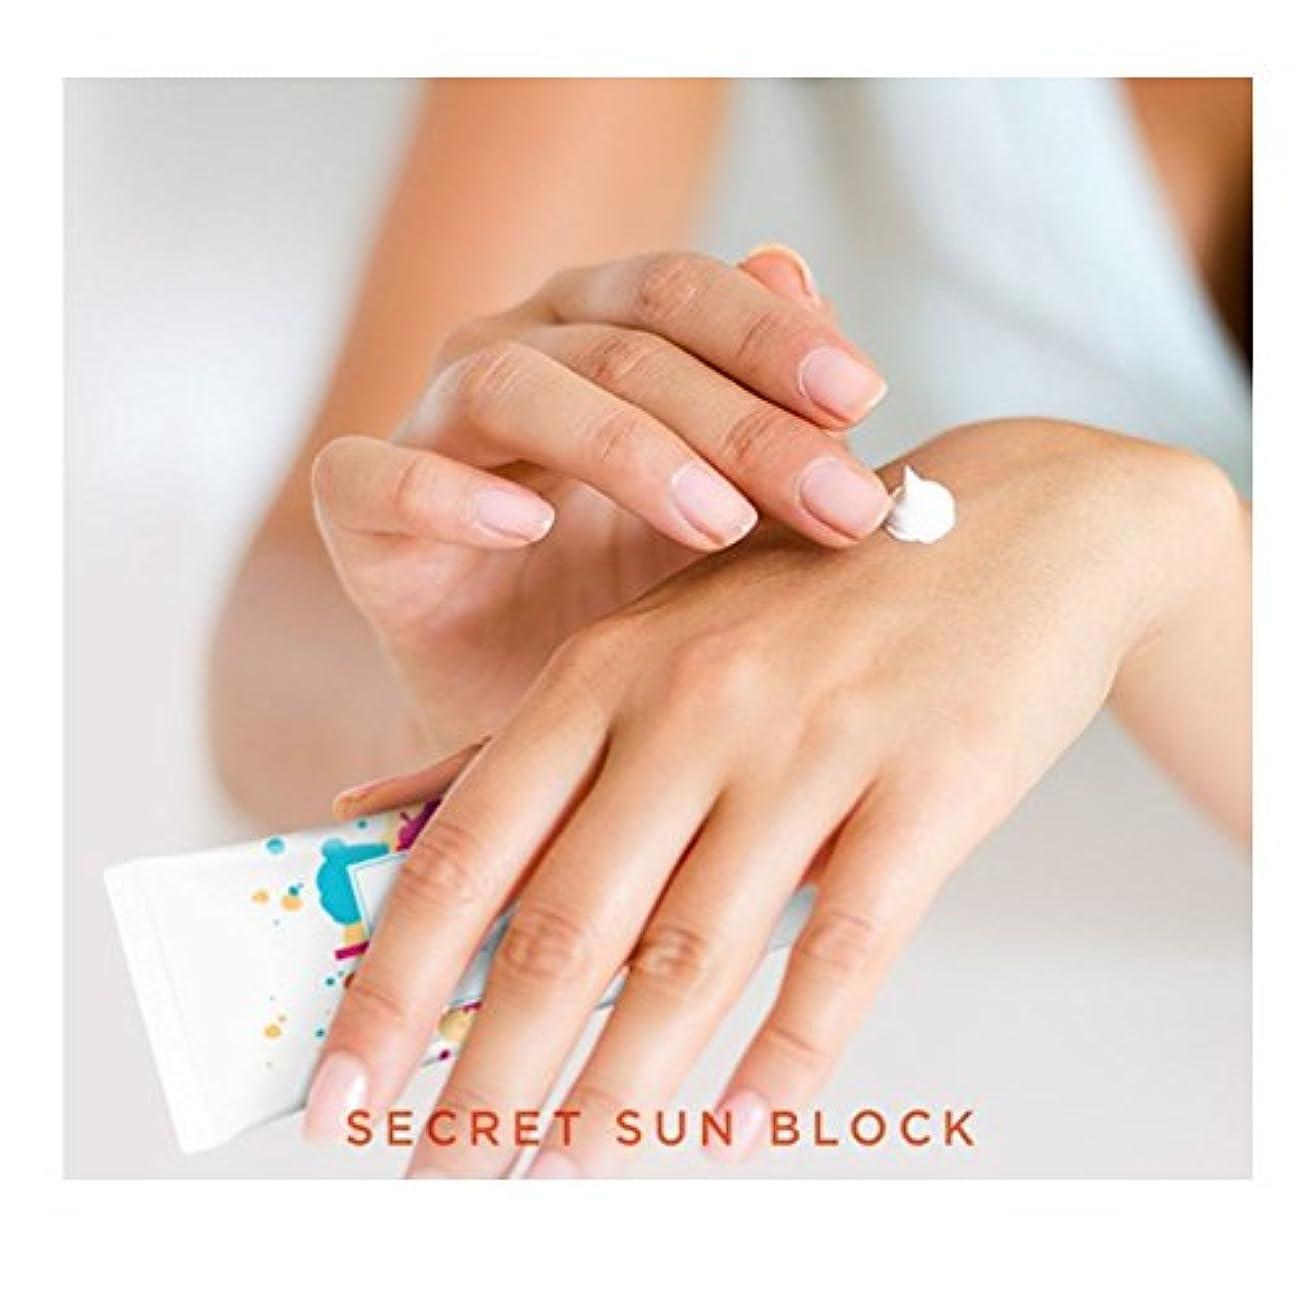 フローティングうめき声川ボンツリーベリー?エッセンス?サンブルロク(SPF50+/PA+++) 50ml x 2本セット サンクリーム 韓国コスメ, Borntree Berry Essence Sun Block (SPF50+/PA+++)...